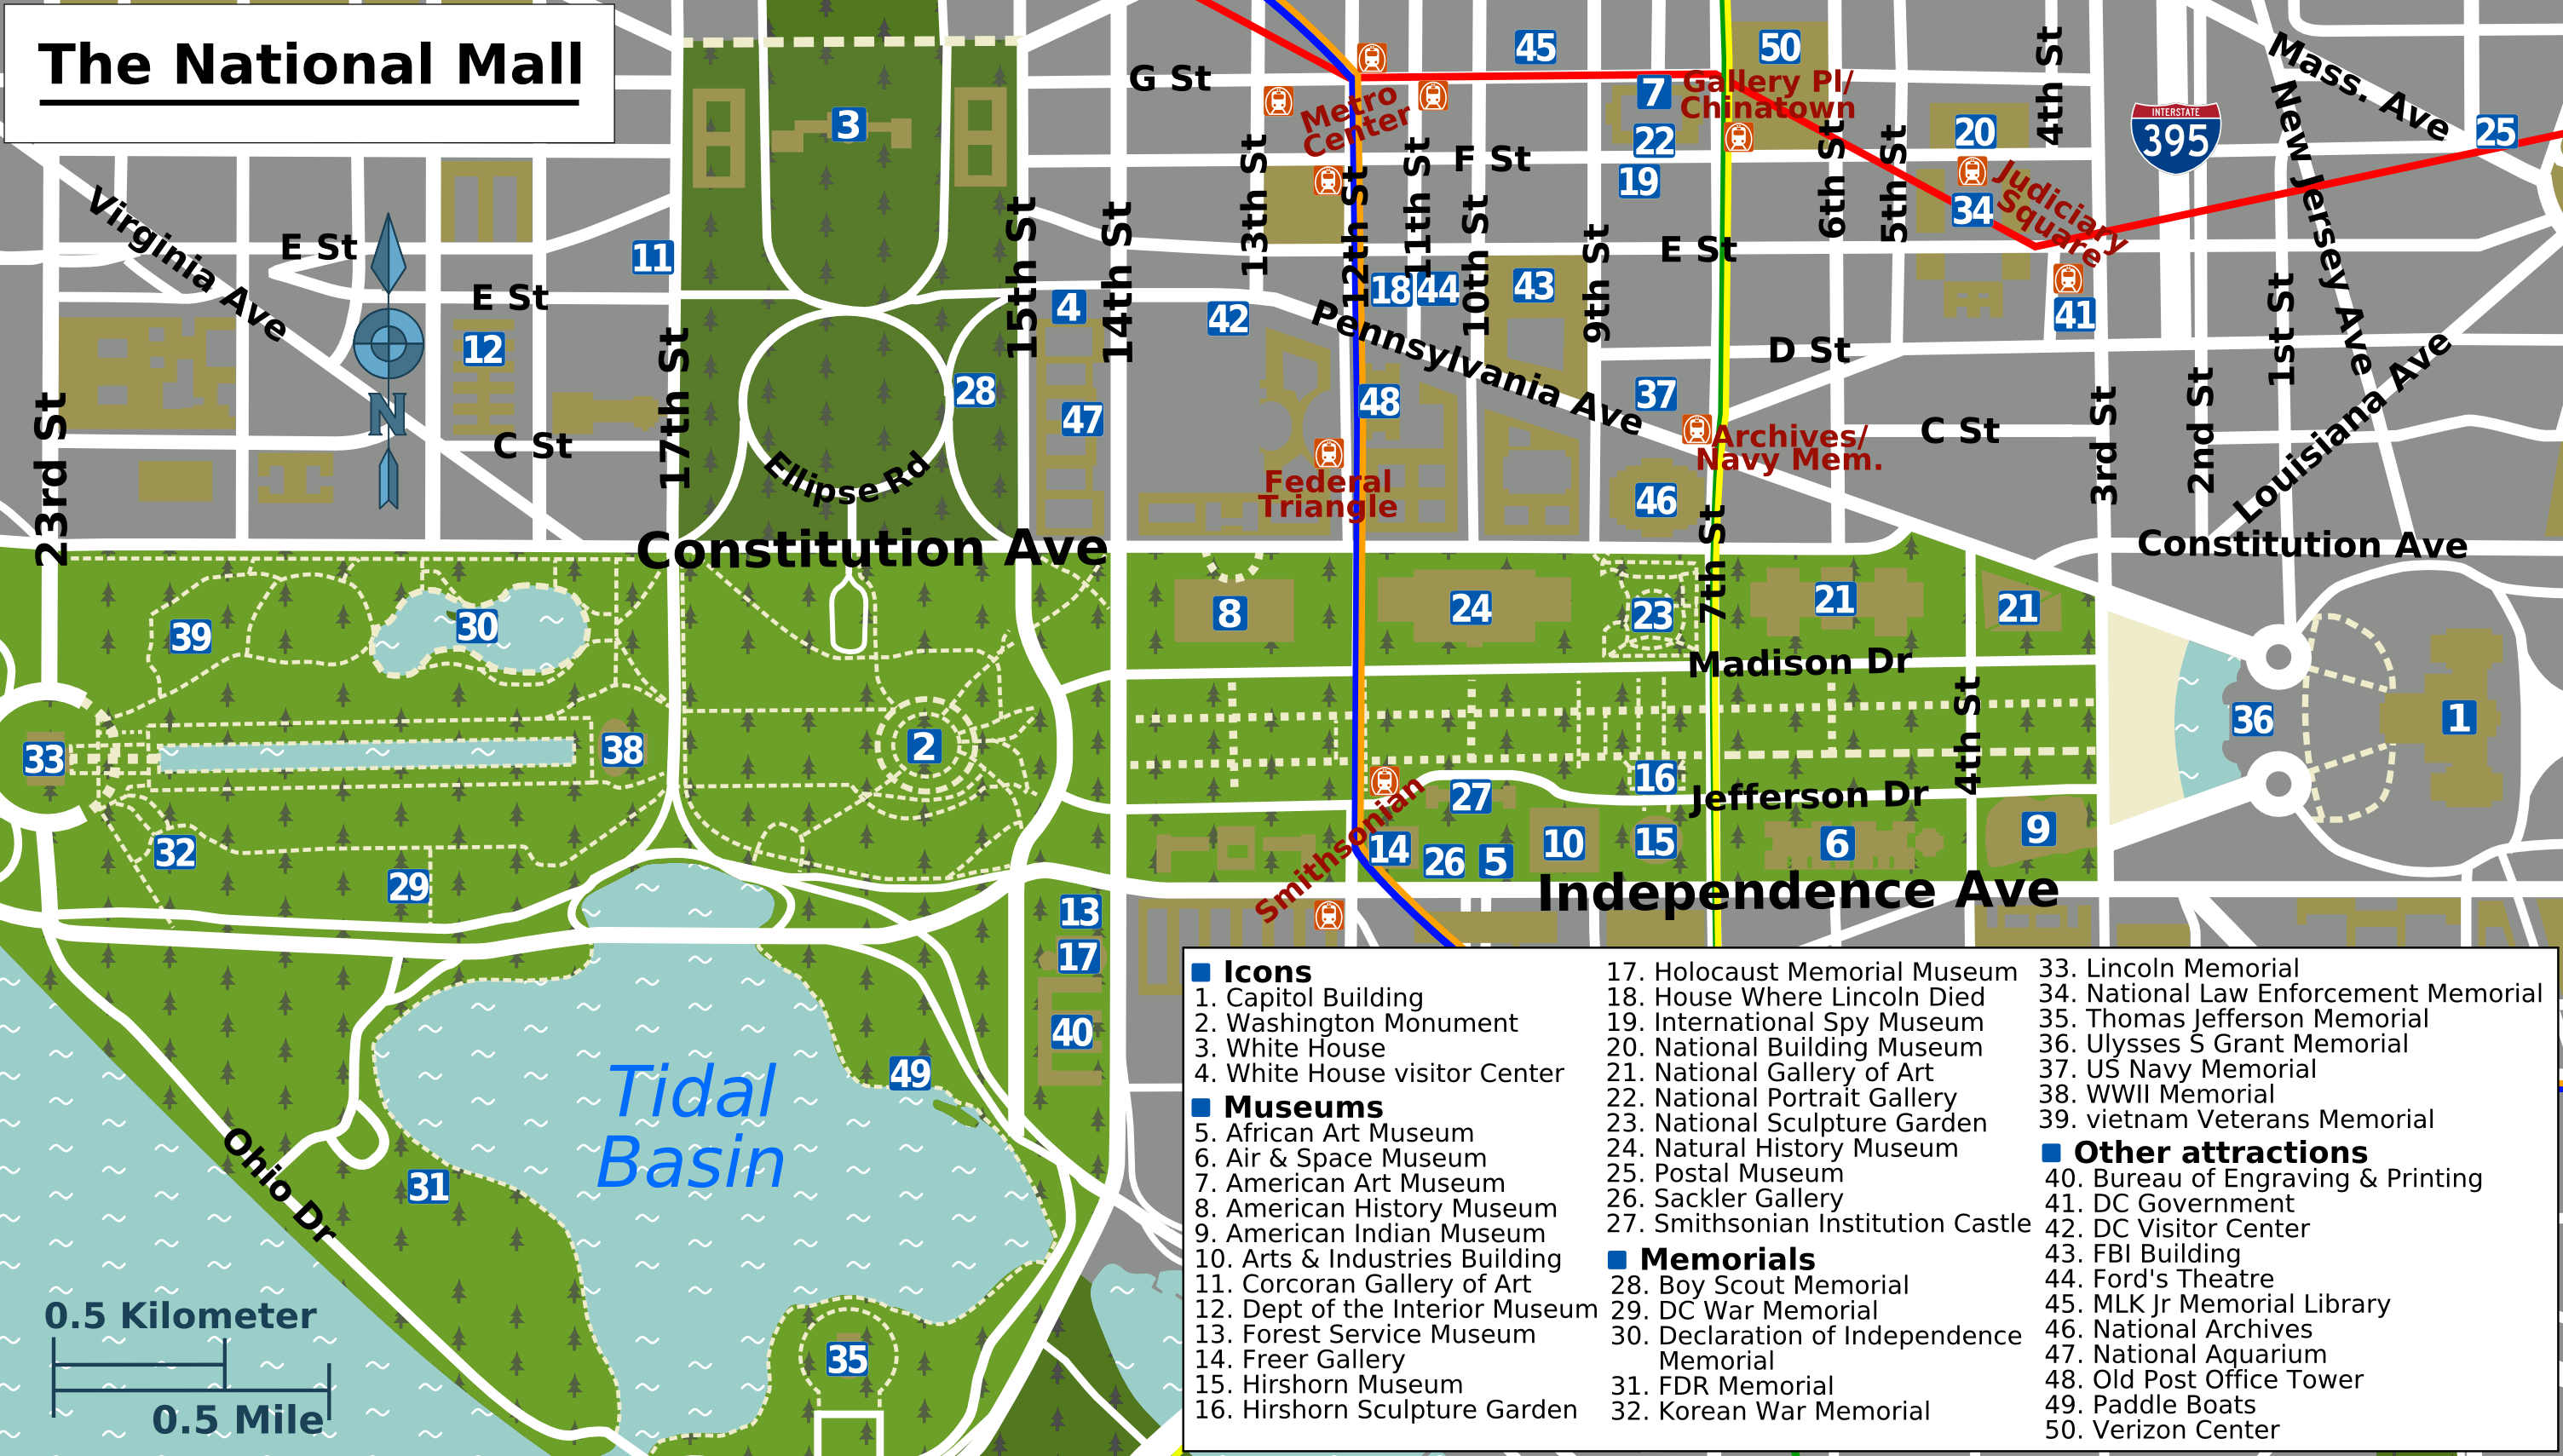 Printable Map Washington Dc | National Mall Map - Washington Dc - Printable Metro Map Of Washington Dc